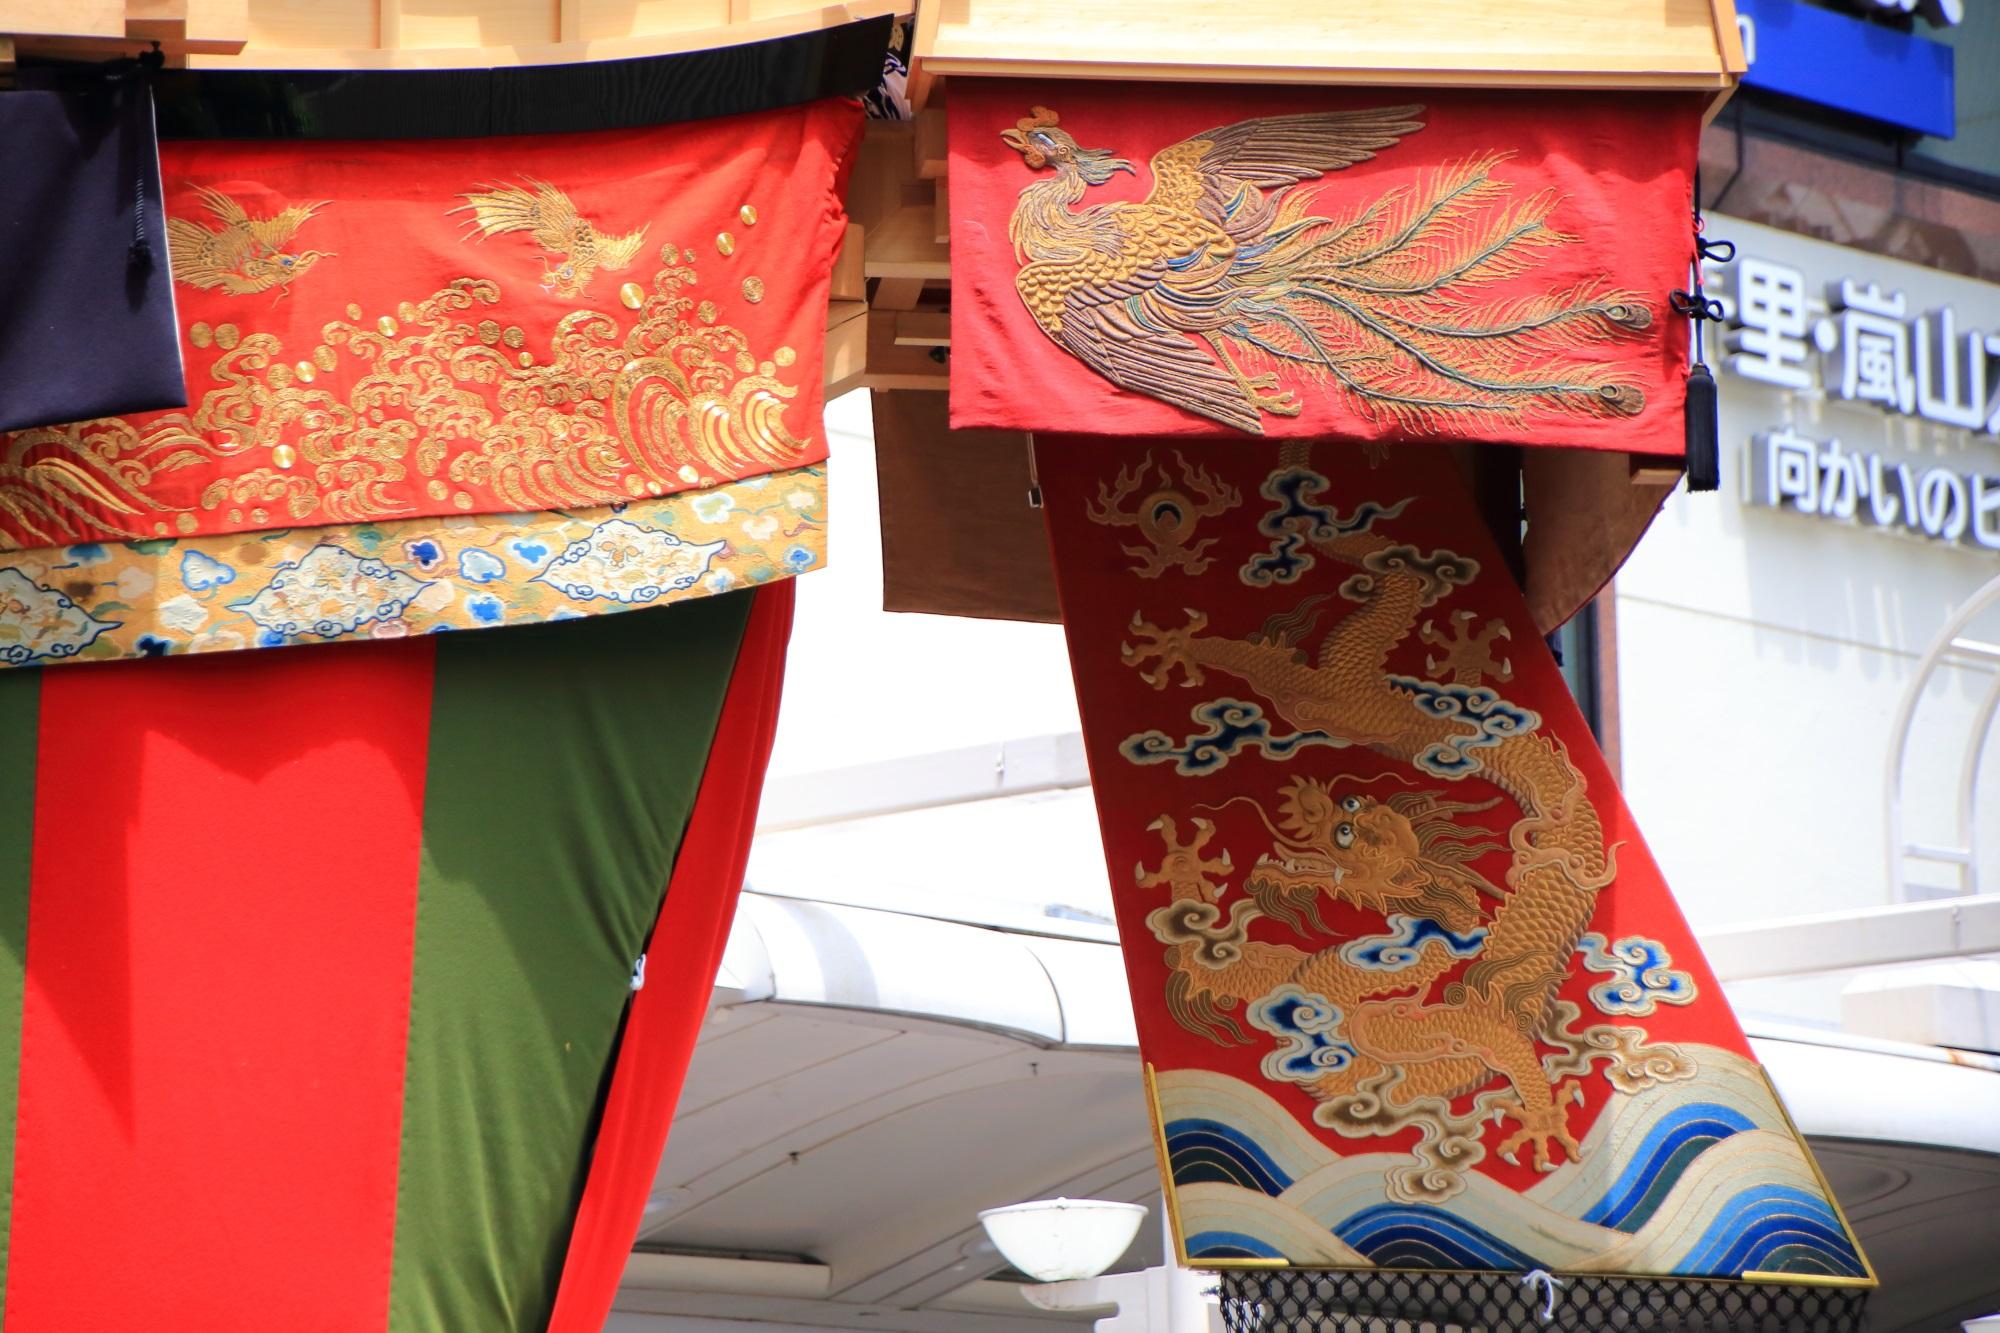 祇園祭後祭の山鉾巡行の大船鉾(おおふねほこ)